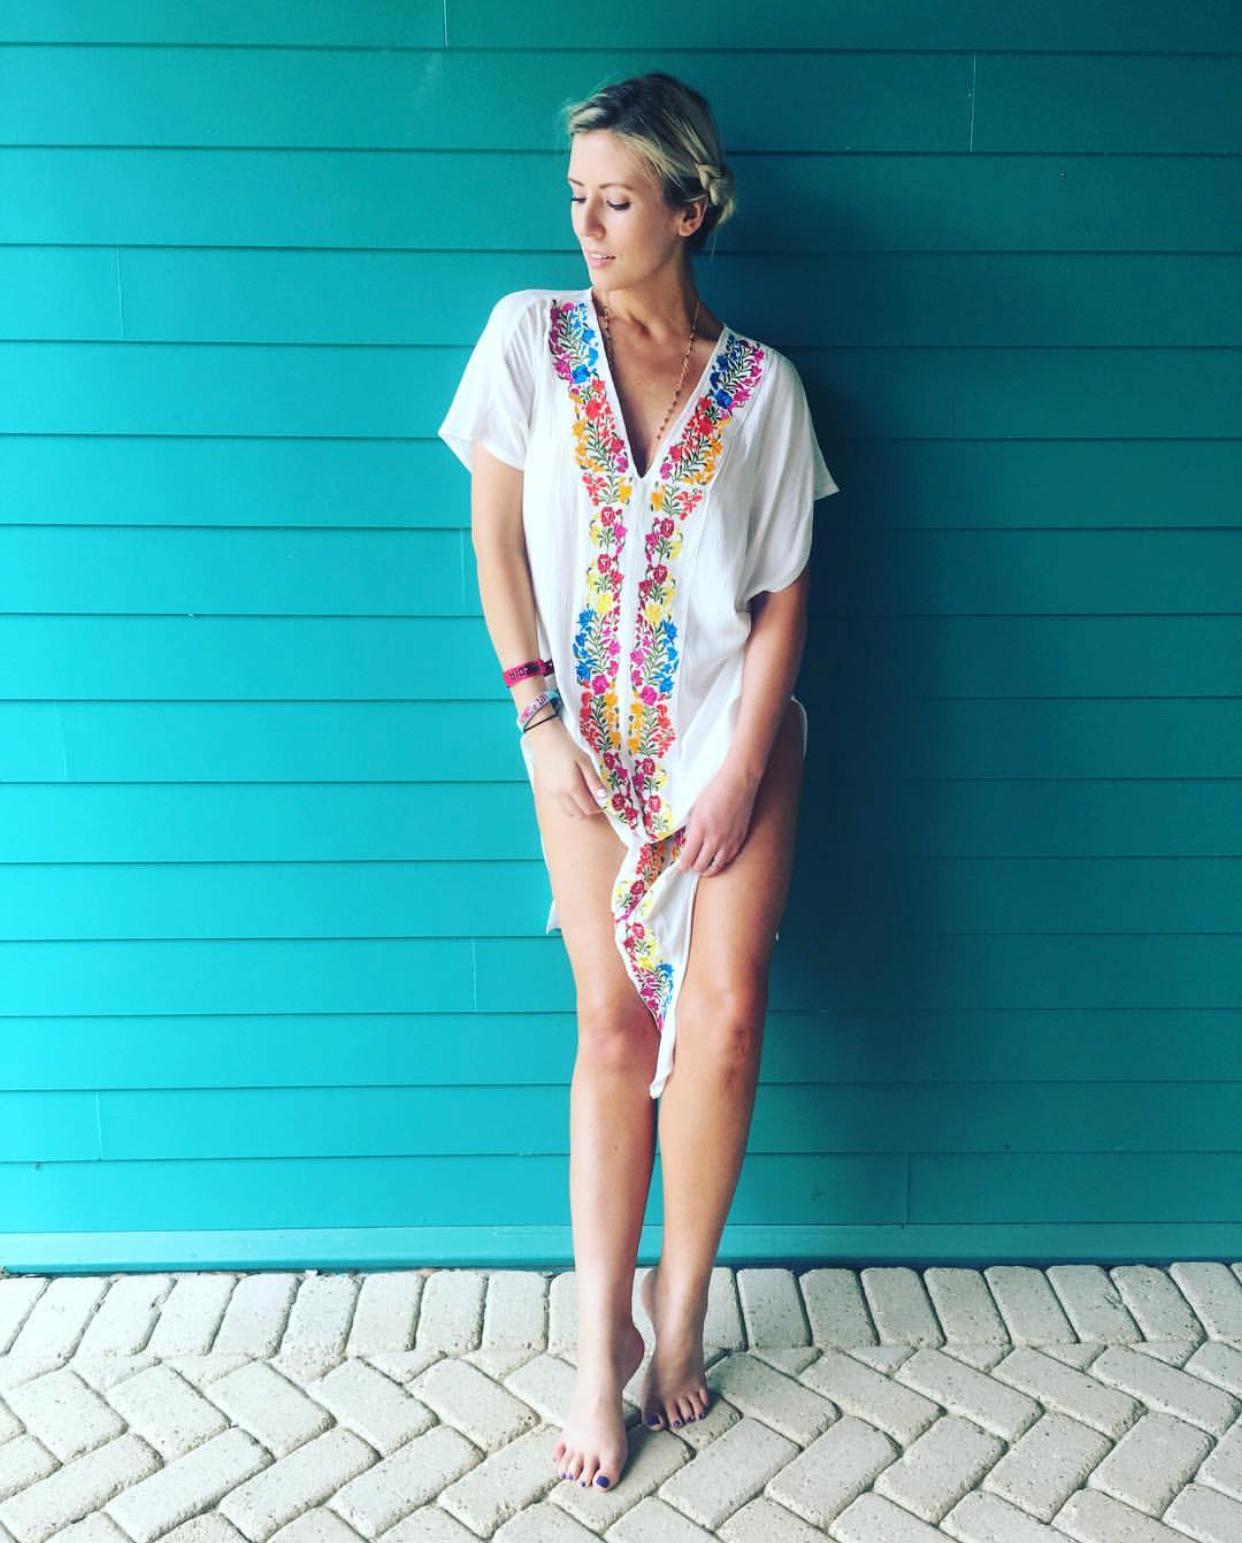 Feet Lauren Maltby nudes (95 fotos) Leaked, 2016, in bikini